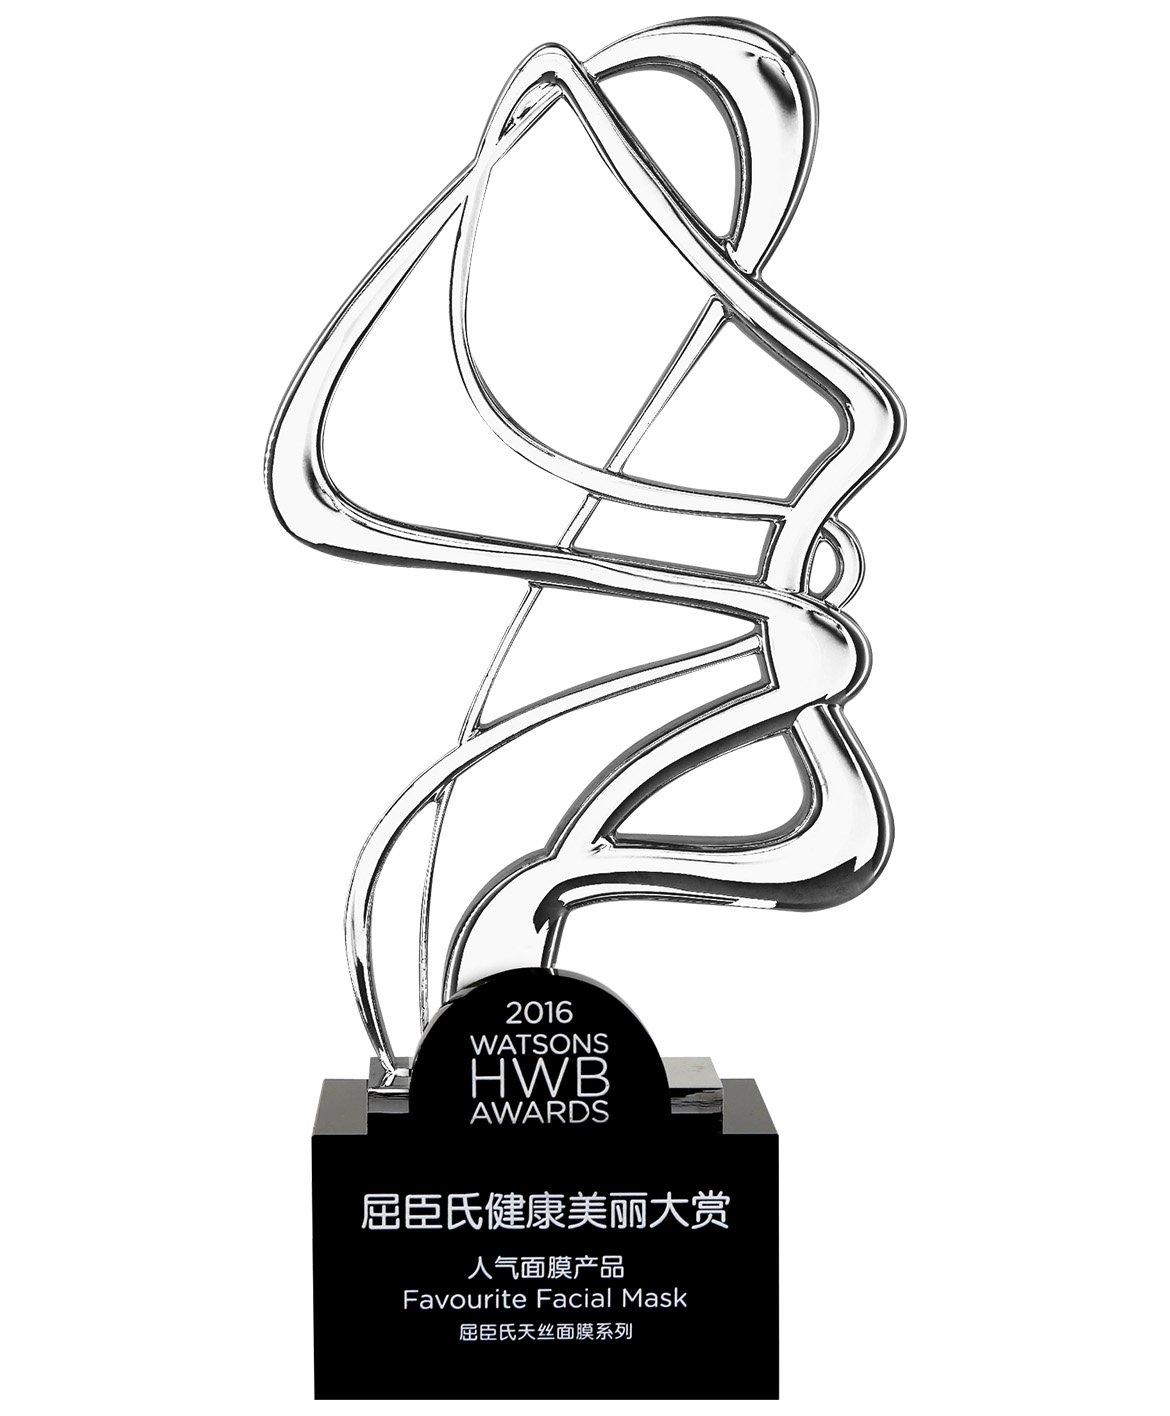 2016屈臣氏健康美丽大赏人气面膜产品-屈臣氏天丝面膜系列(1)